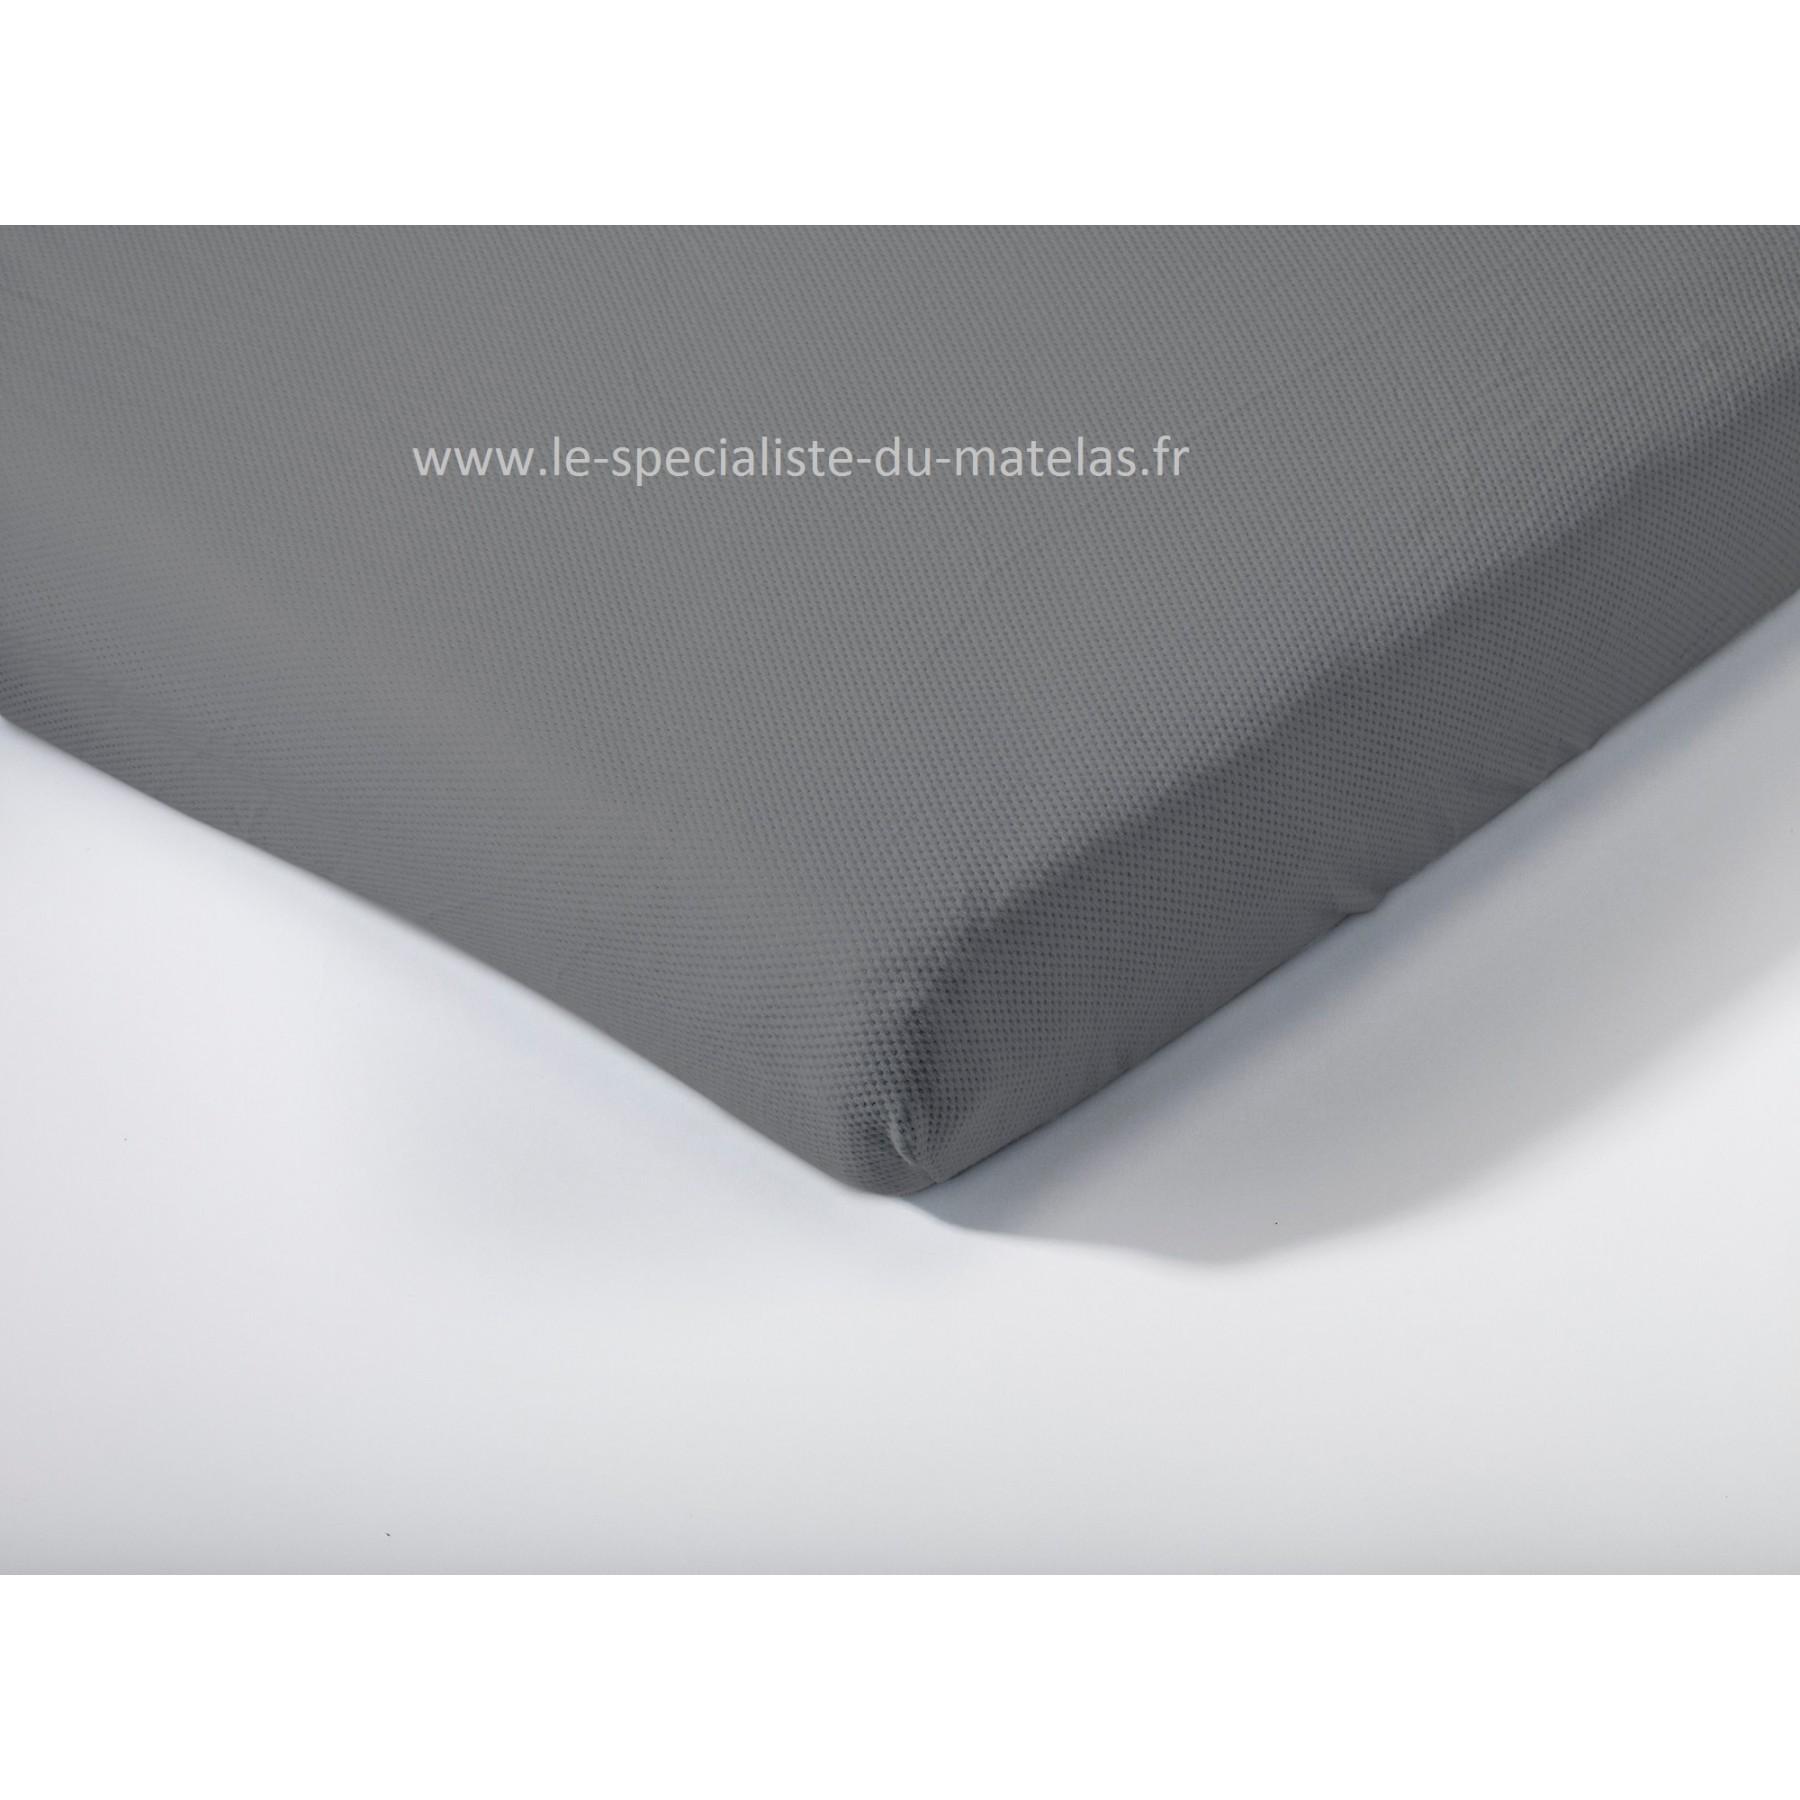 drap housse b b aerosleep d couvrir au le sp cialiste. Black Bedroom Furniture Sets. Home Design Ideas